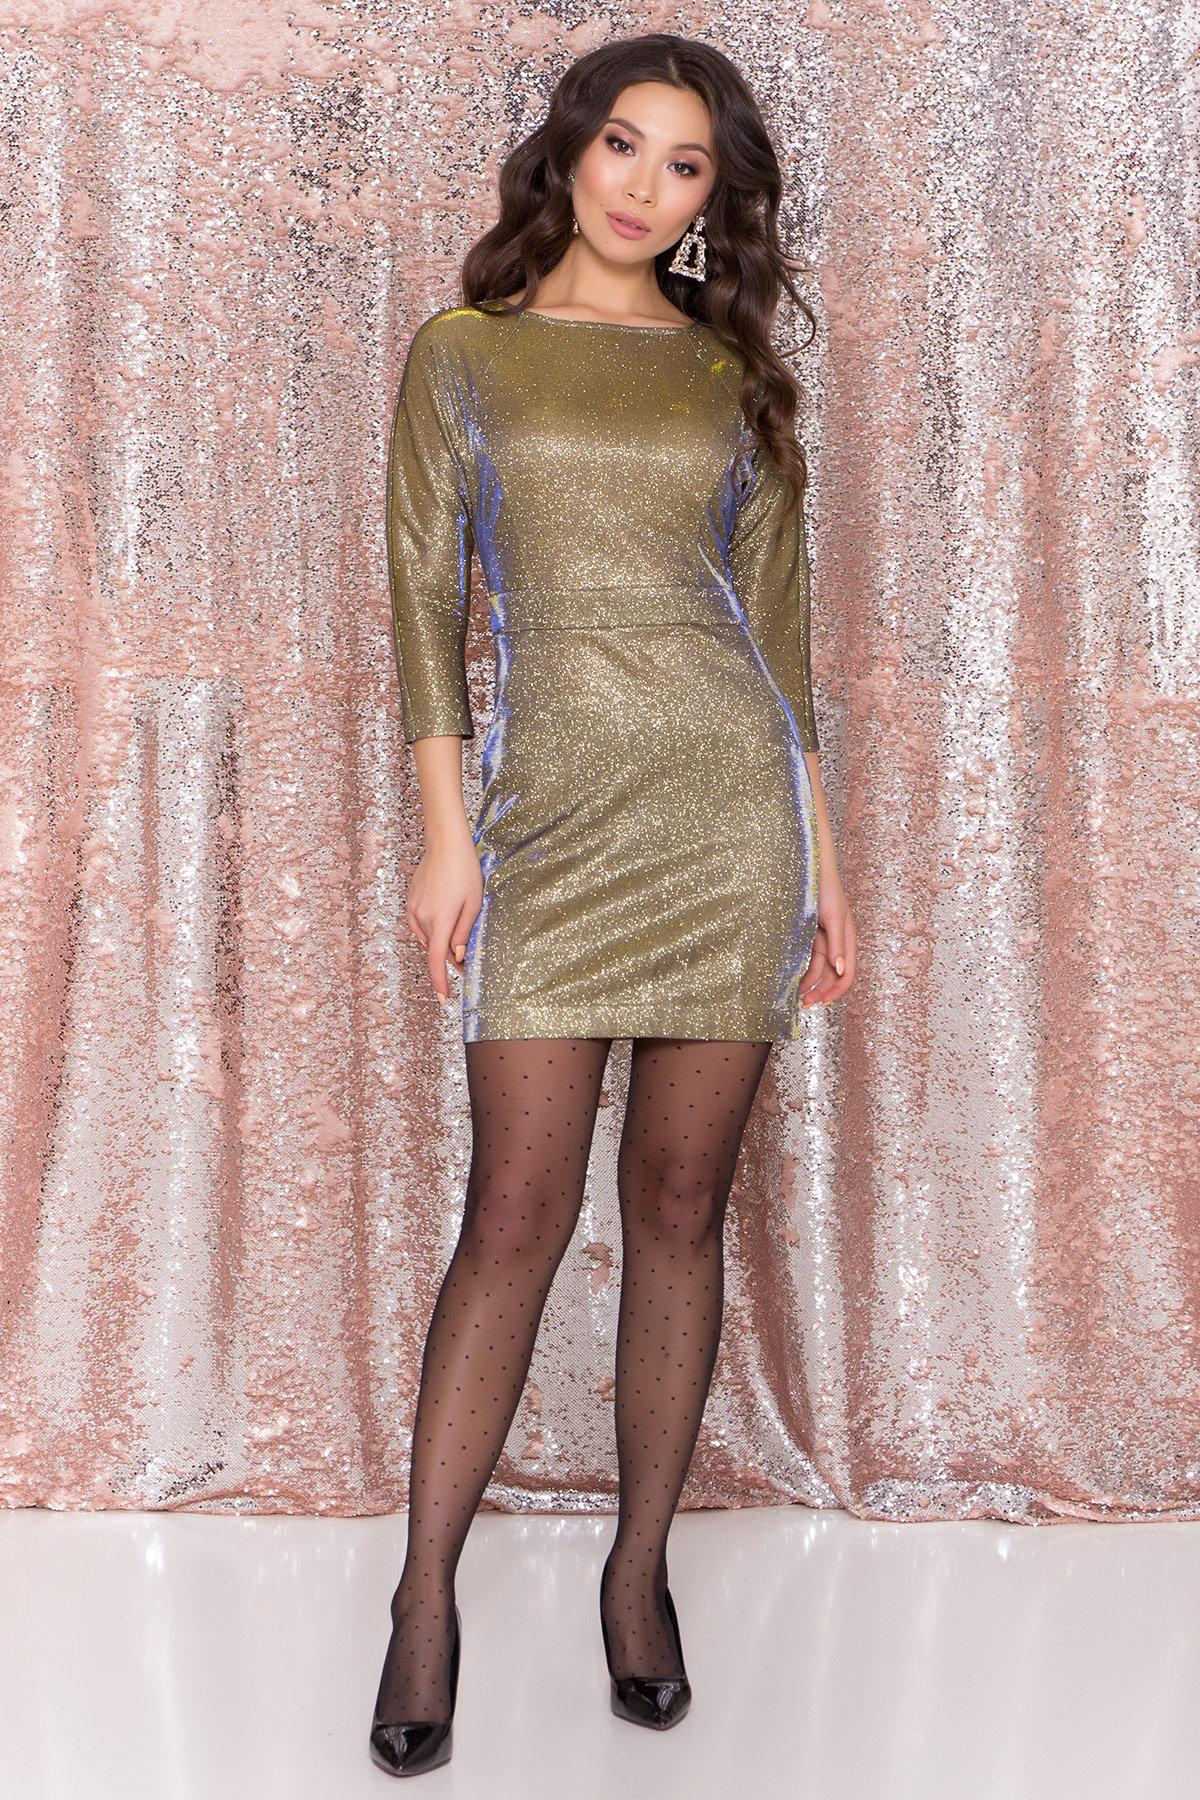 Купить платья оптом Украина Платье-хамелеон из трикотажа с люрексом Инглот 8428